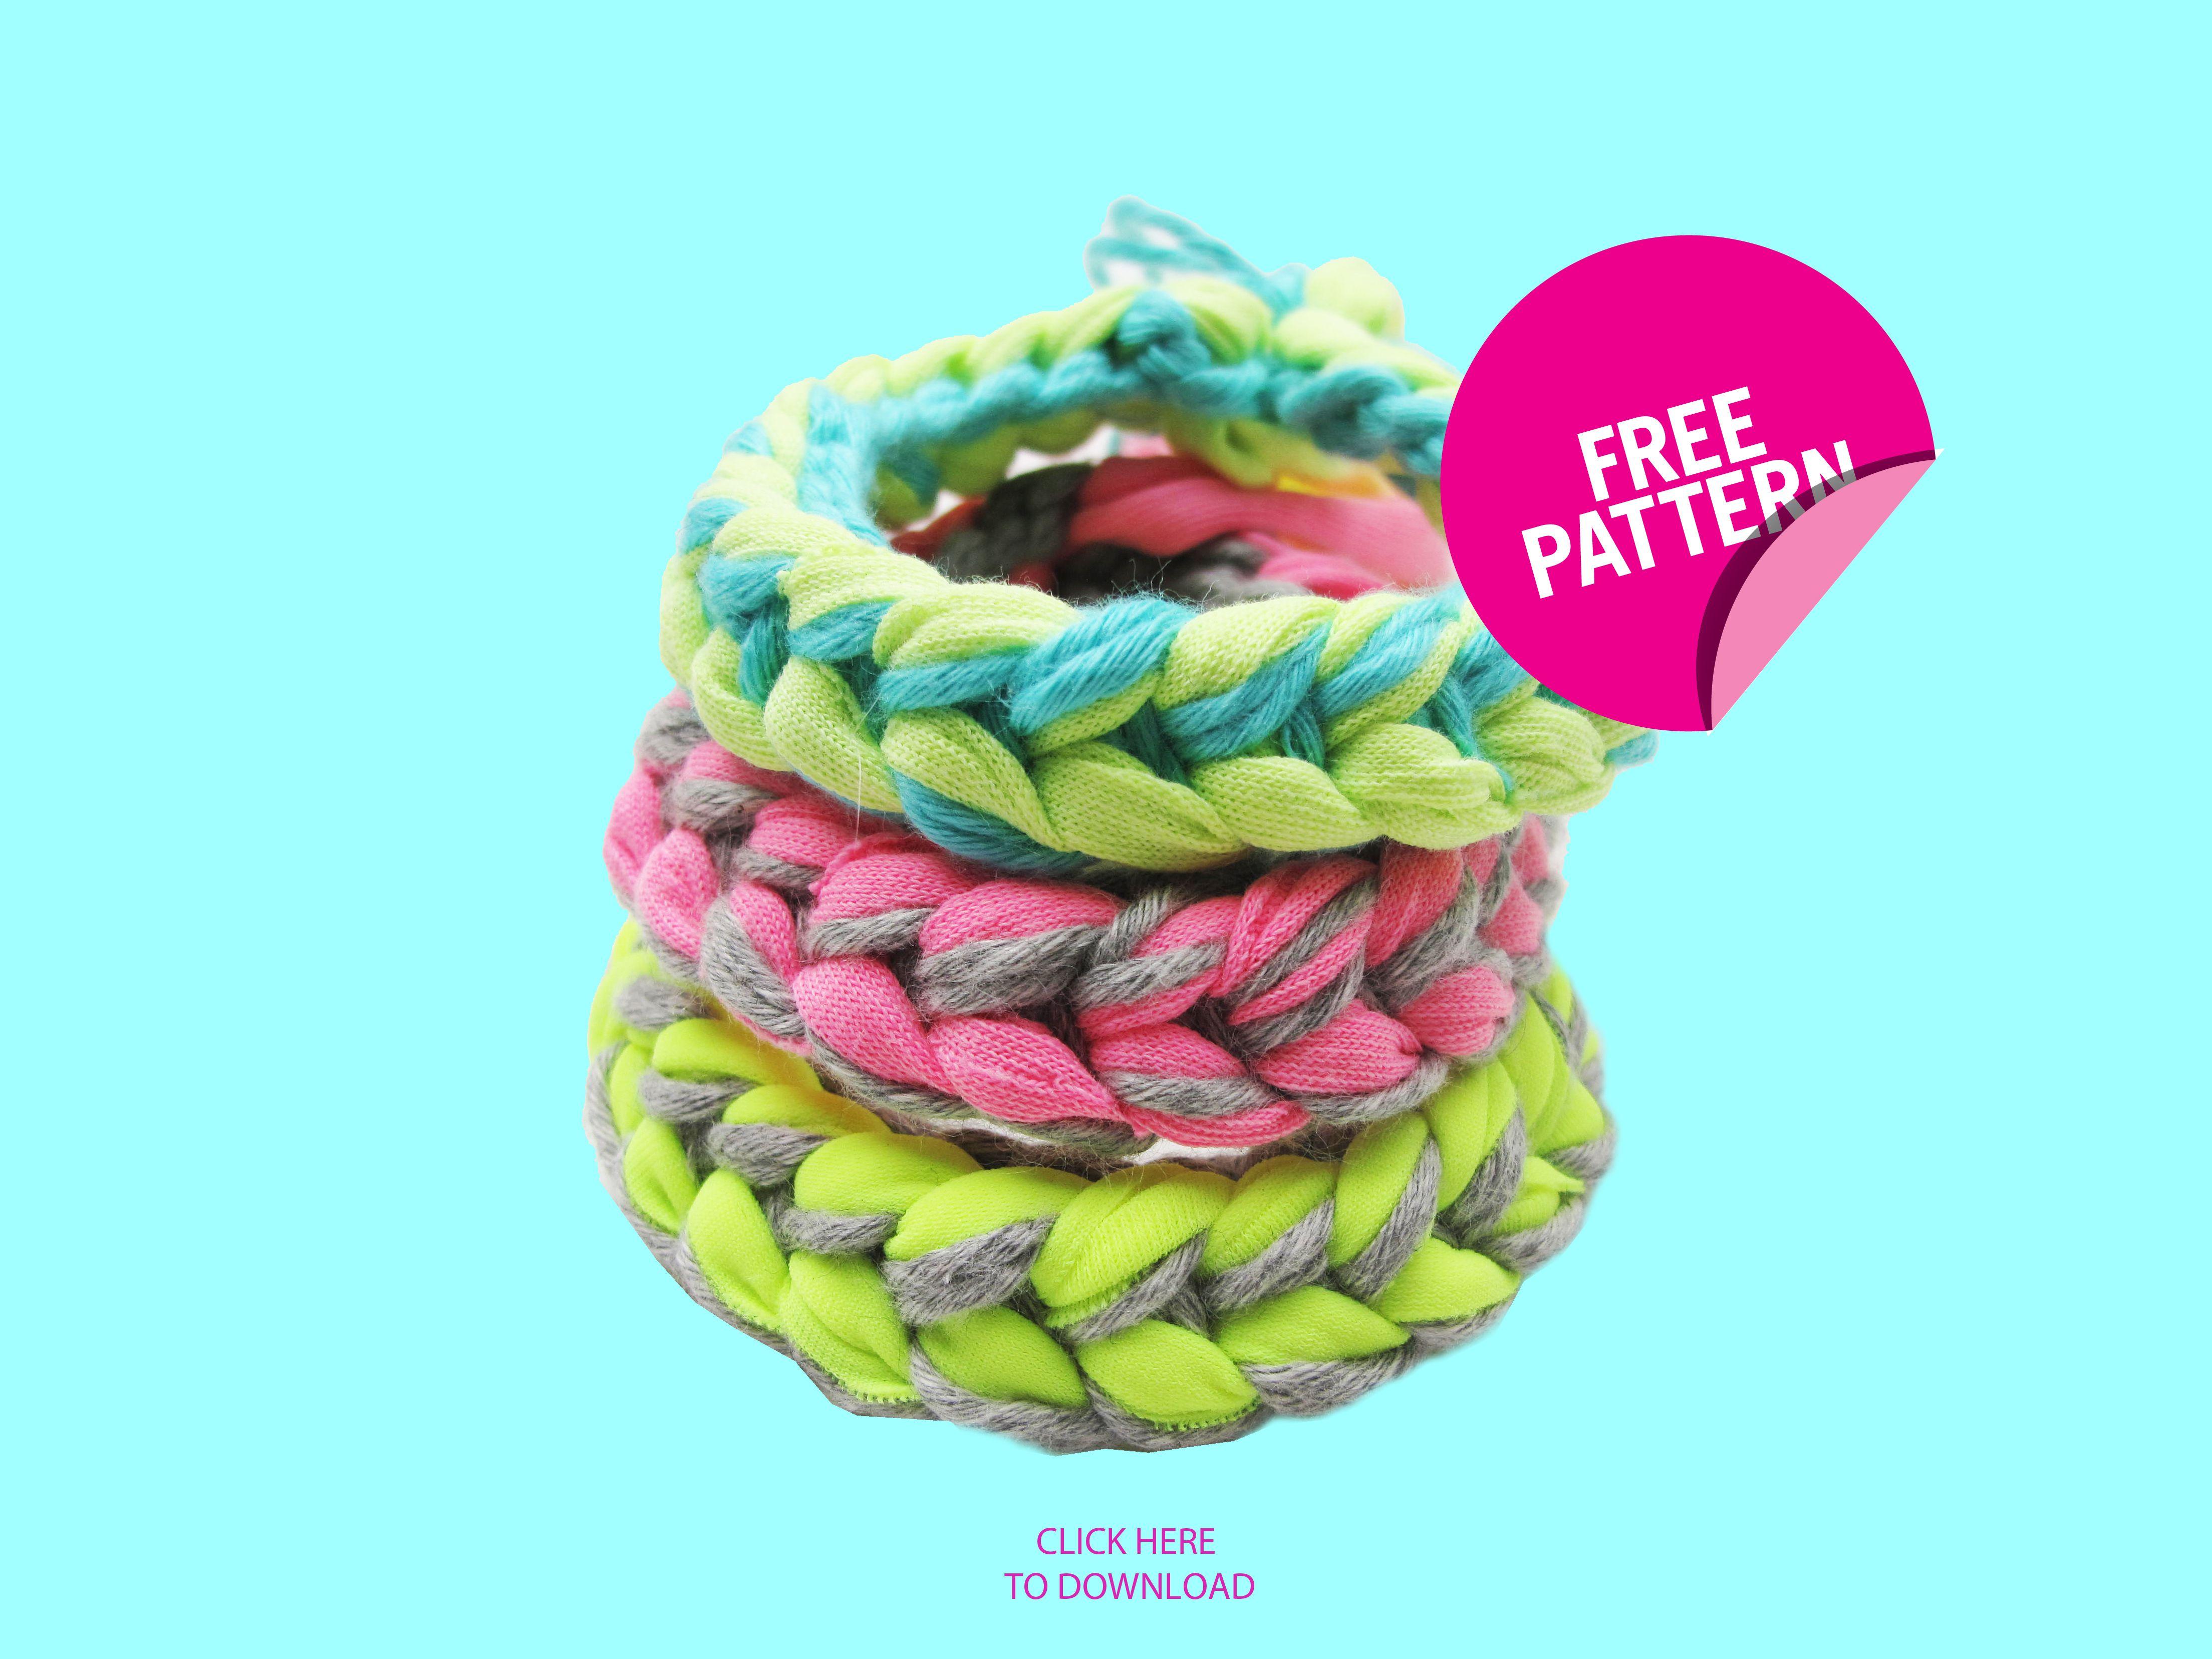 NINA RICH BRACELETS   FREE KNITTING PATTERNS   Pinterest   Bracelets ...